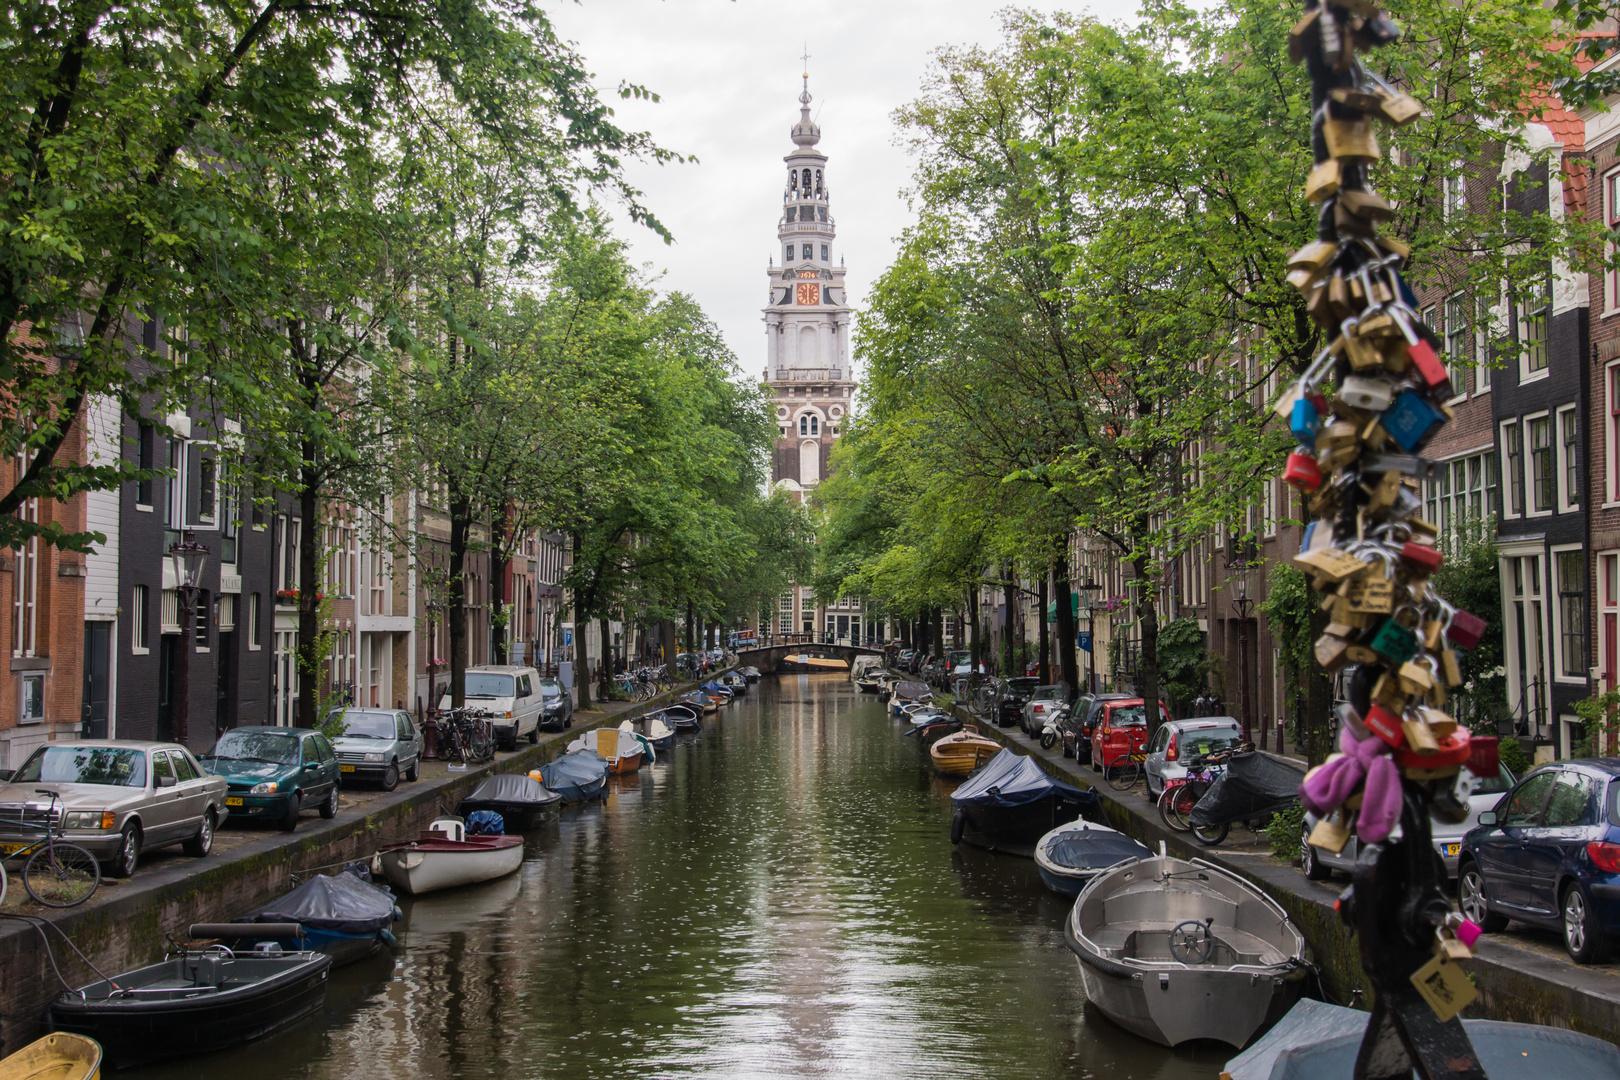 Grachtenansicht mit Zuiderkerk - Amsterdam